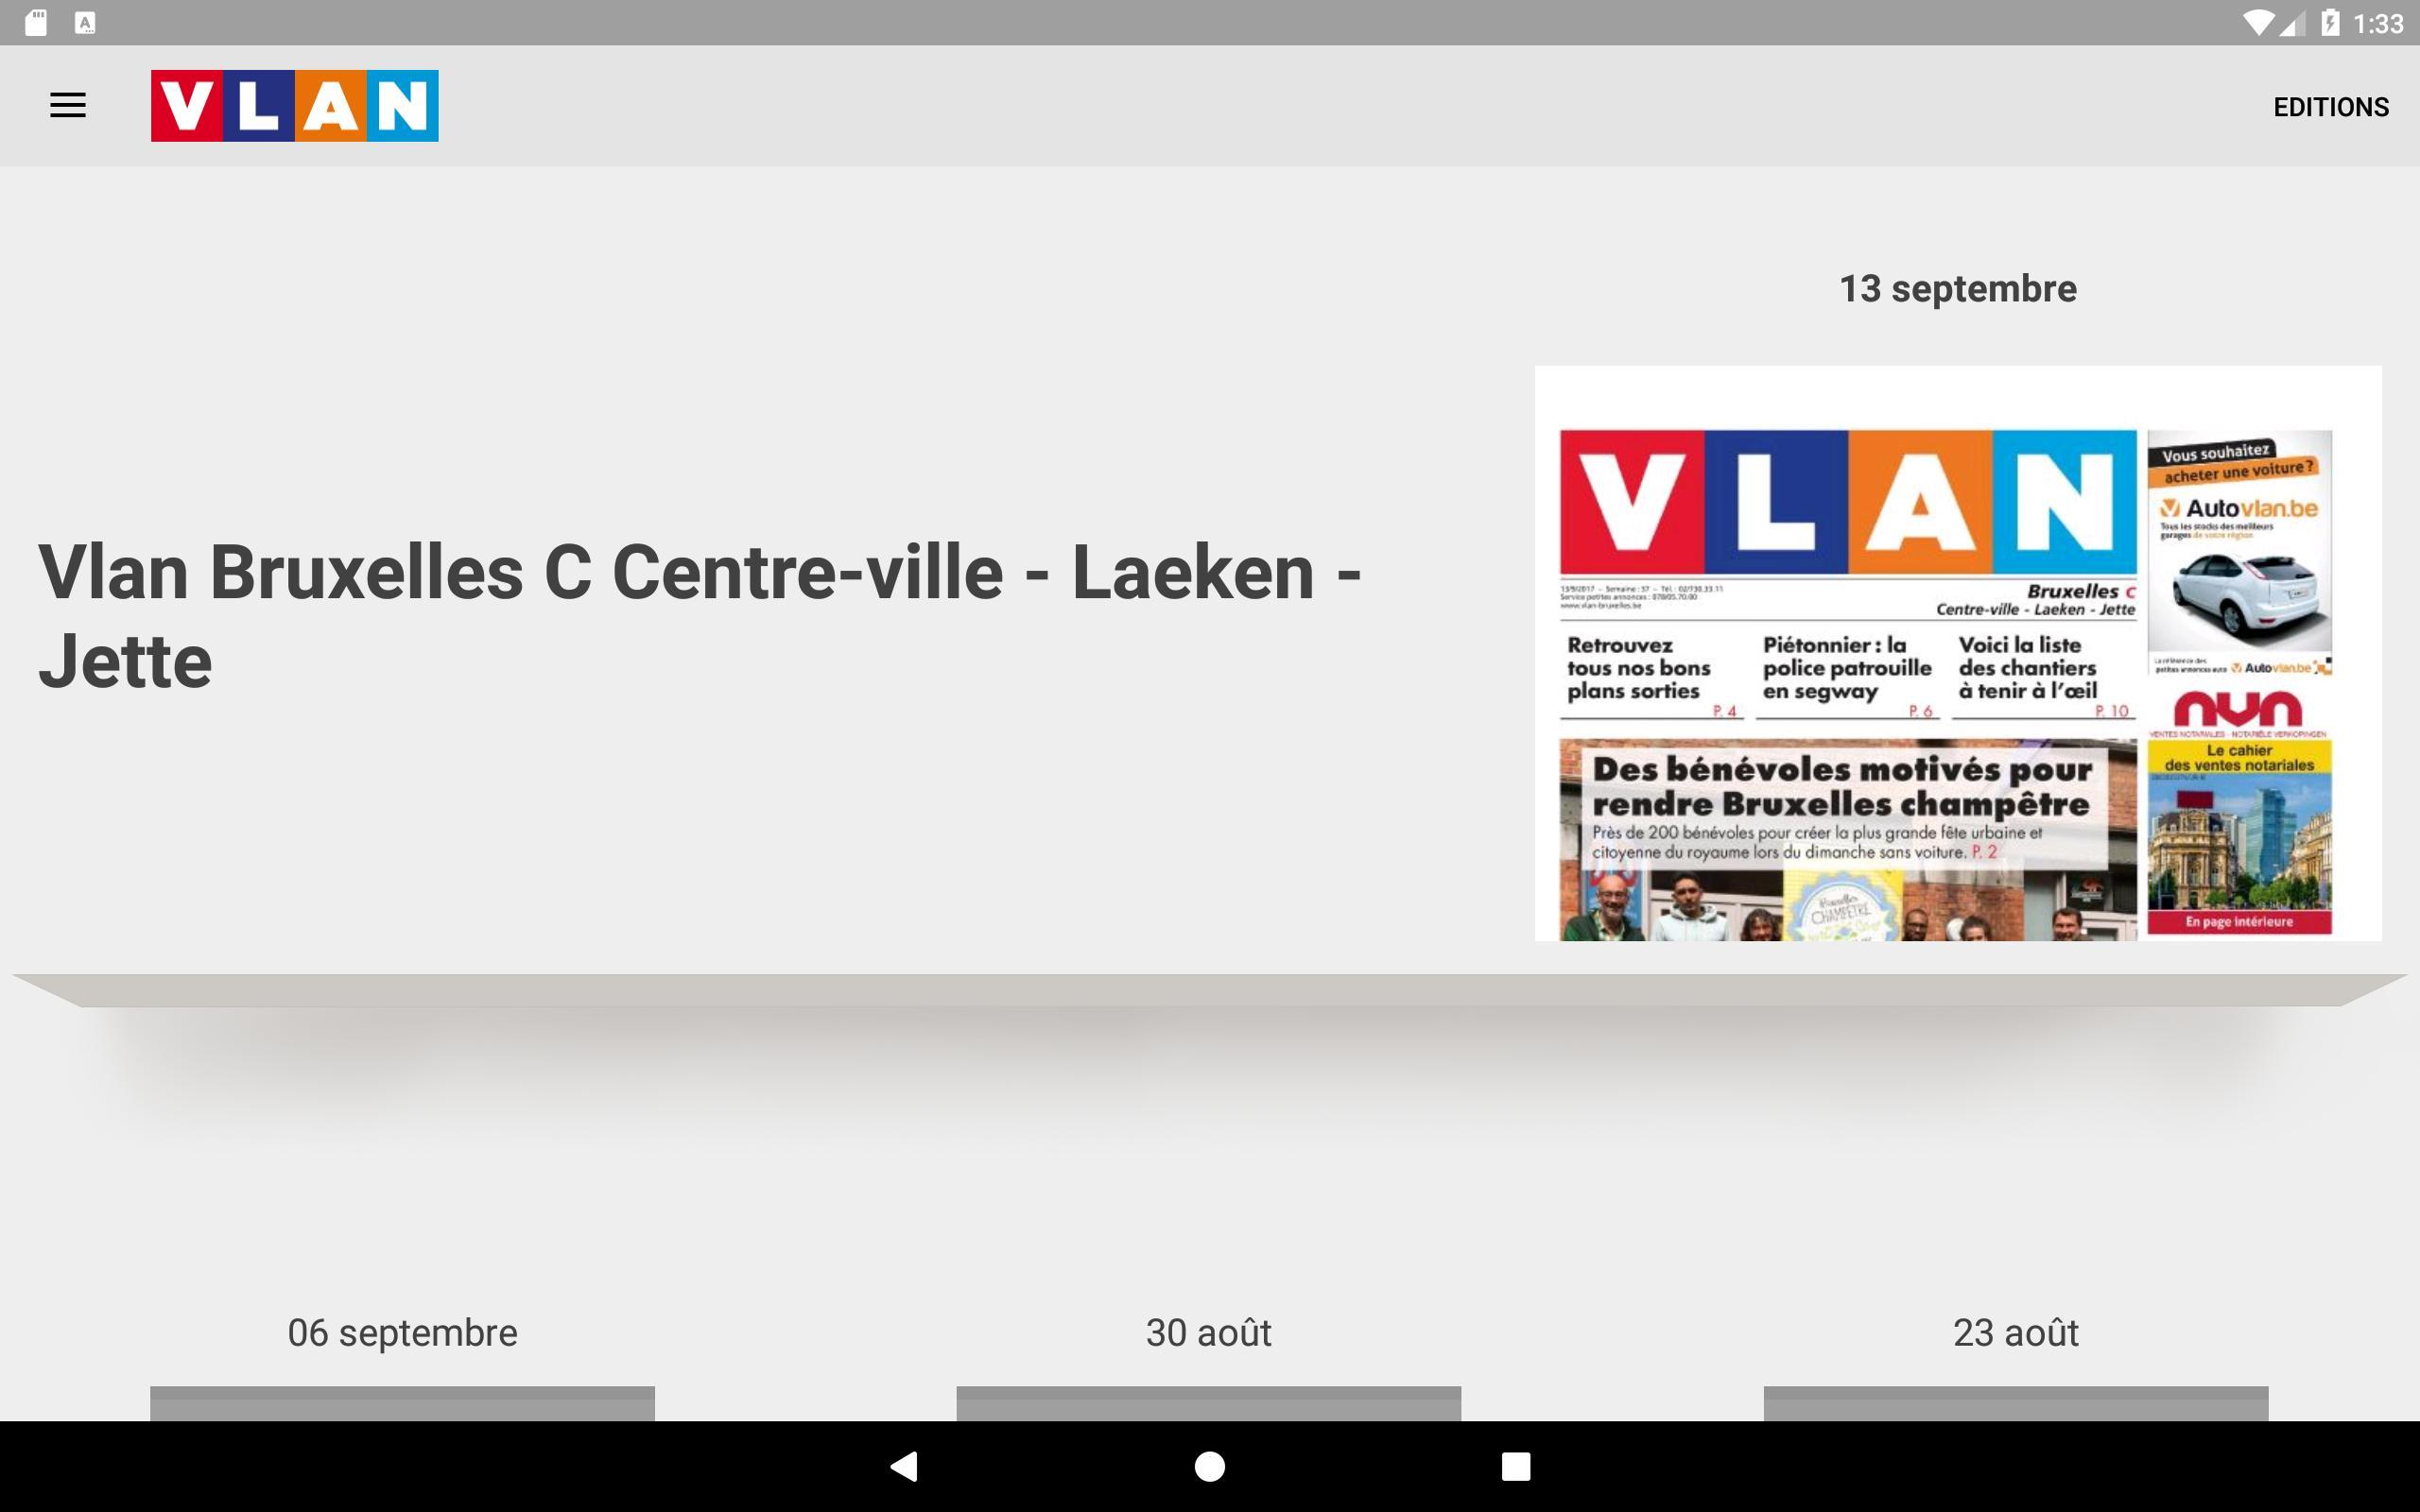 VLAN Province de Hainaut